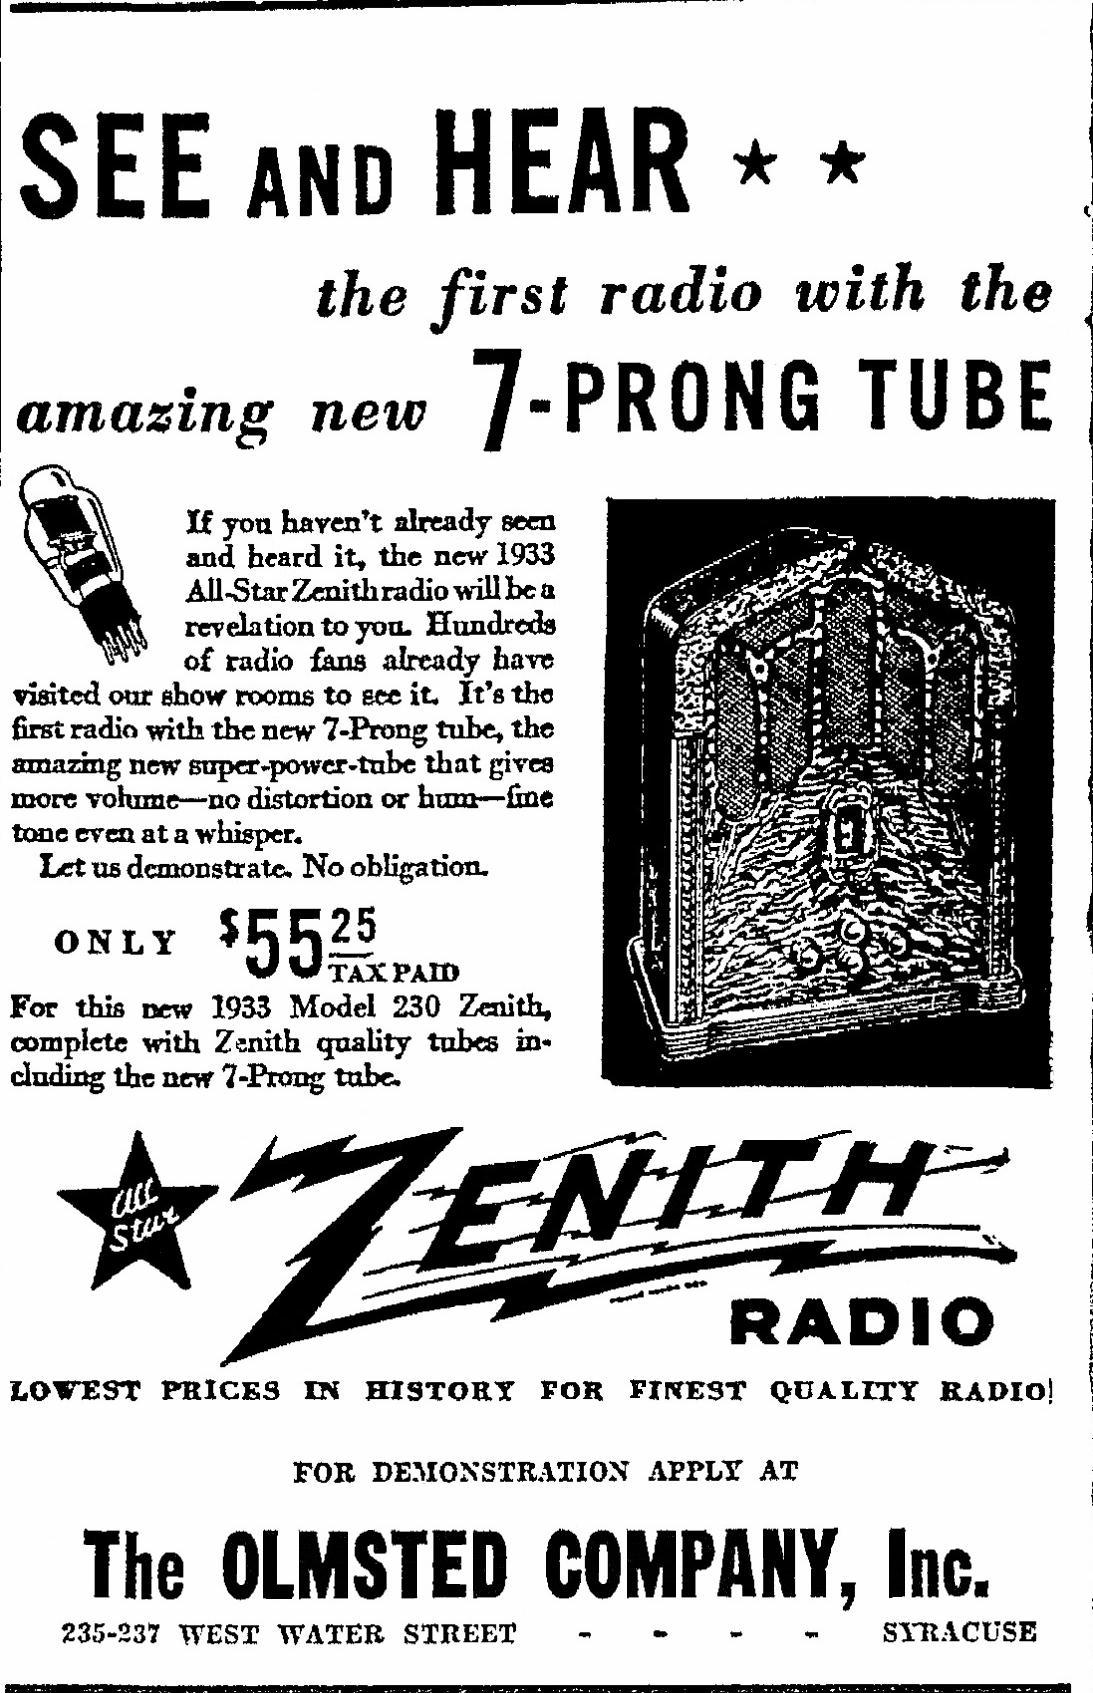 Zenith Model 230 Tombstone Radio